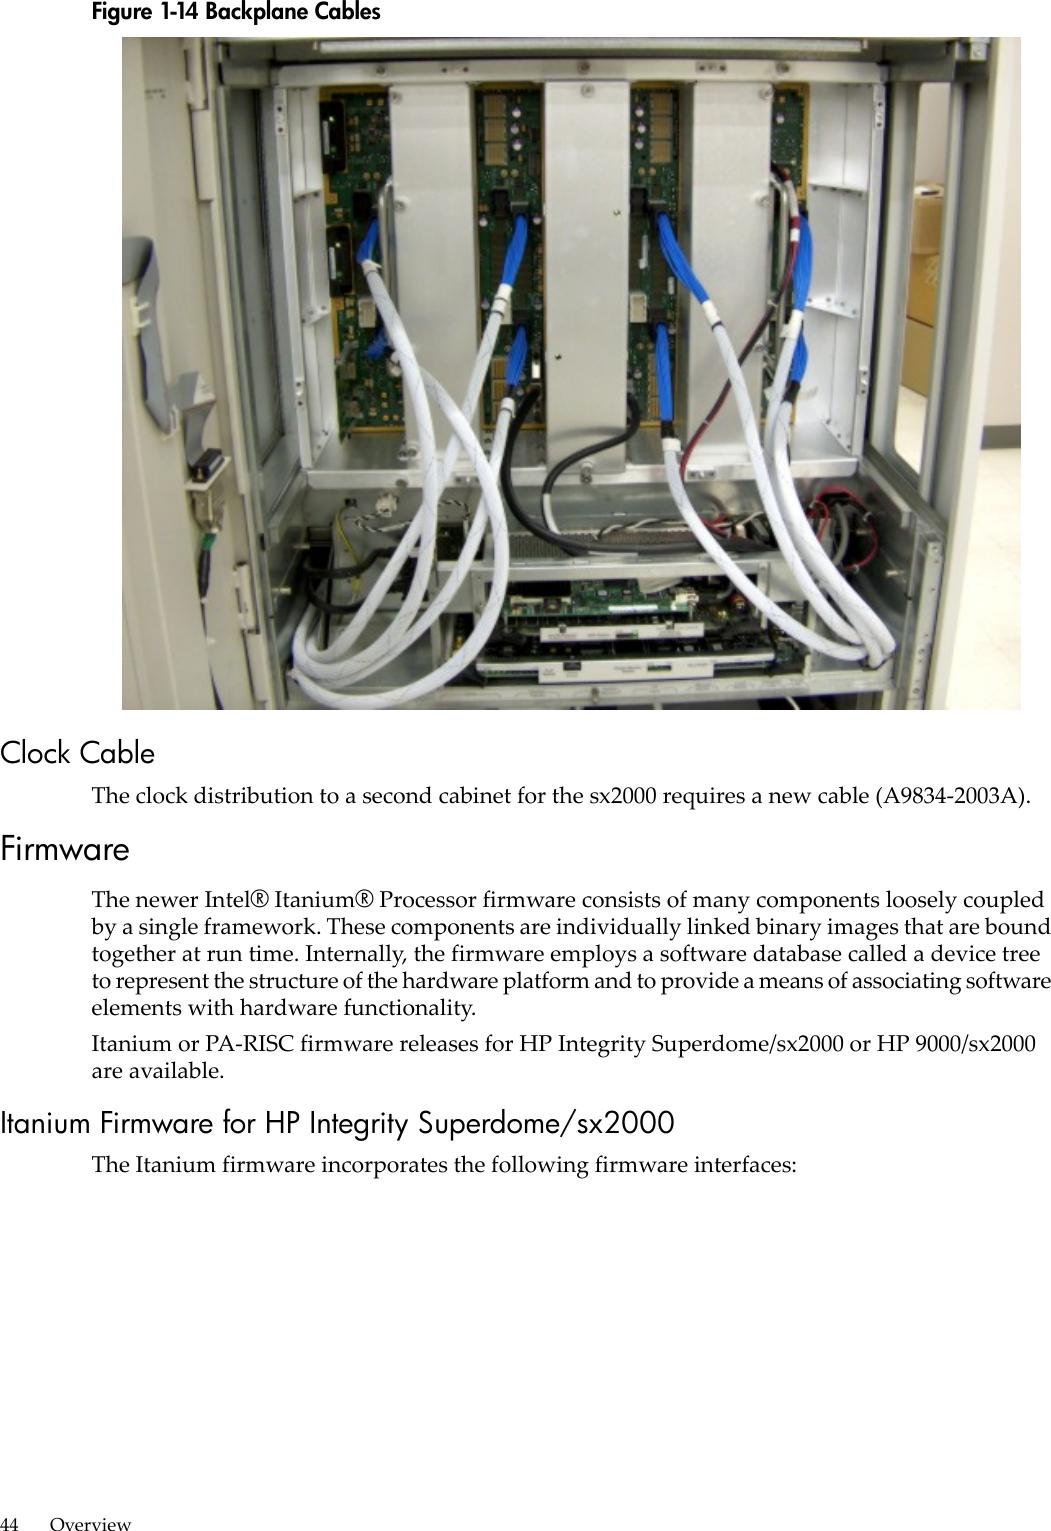 hp superdome sx2000 firmware